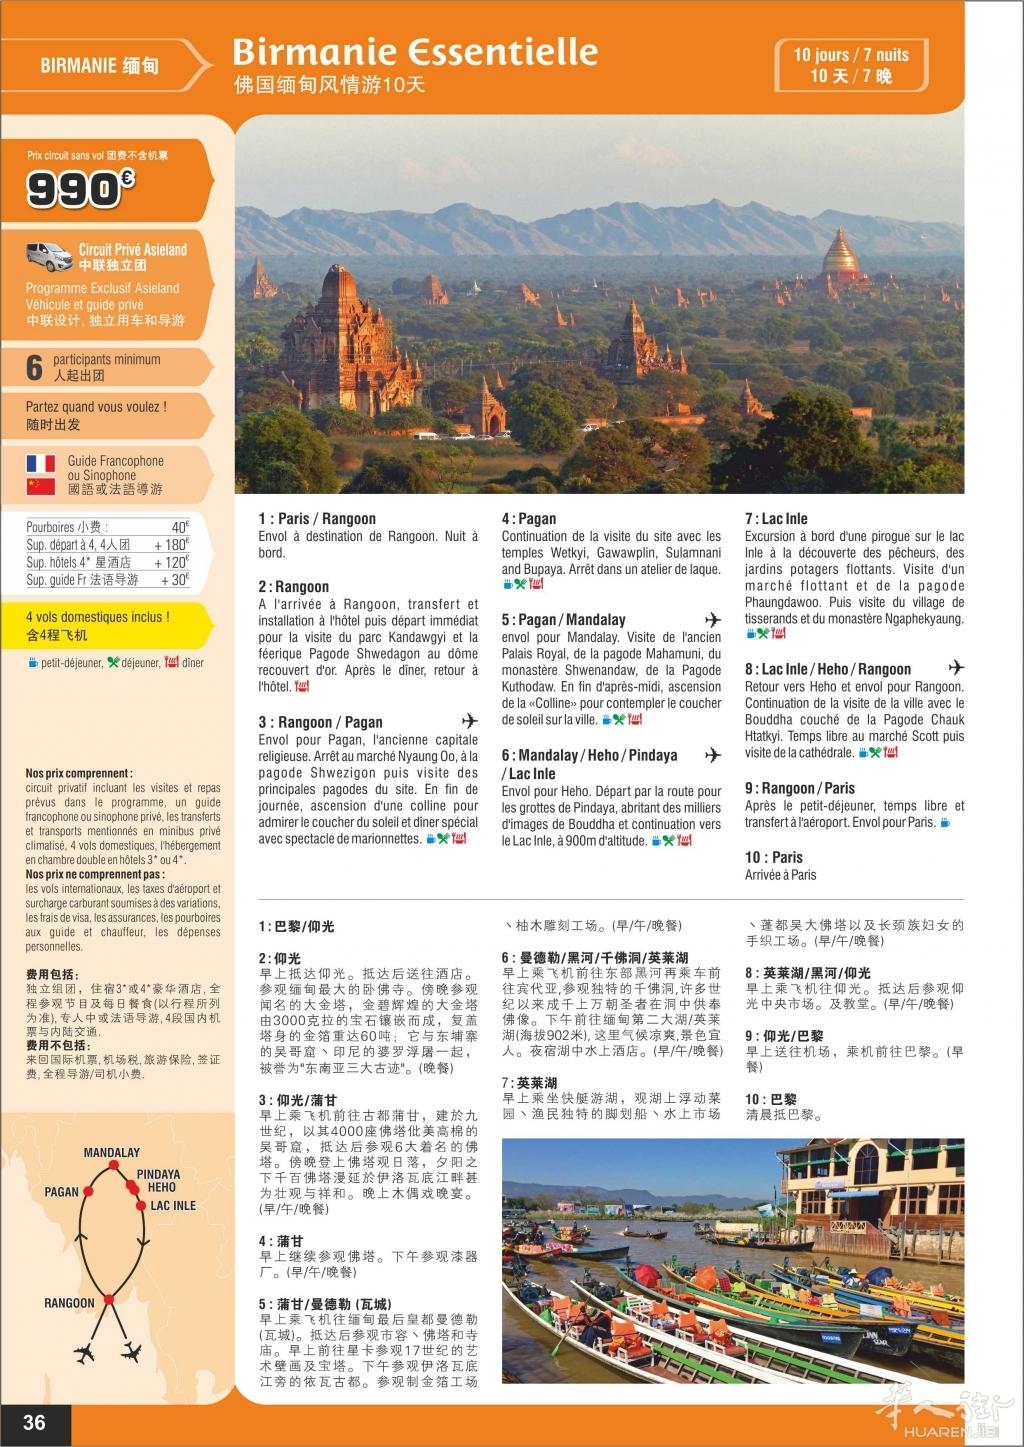 p36-Birmanie Essentielle-10j-v06.jpg